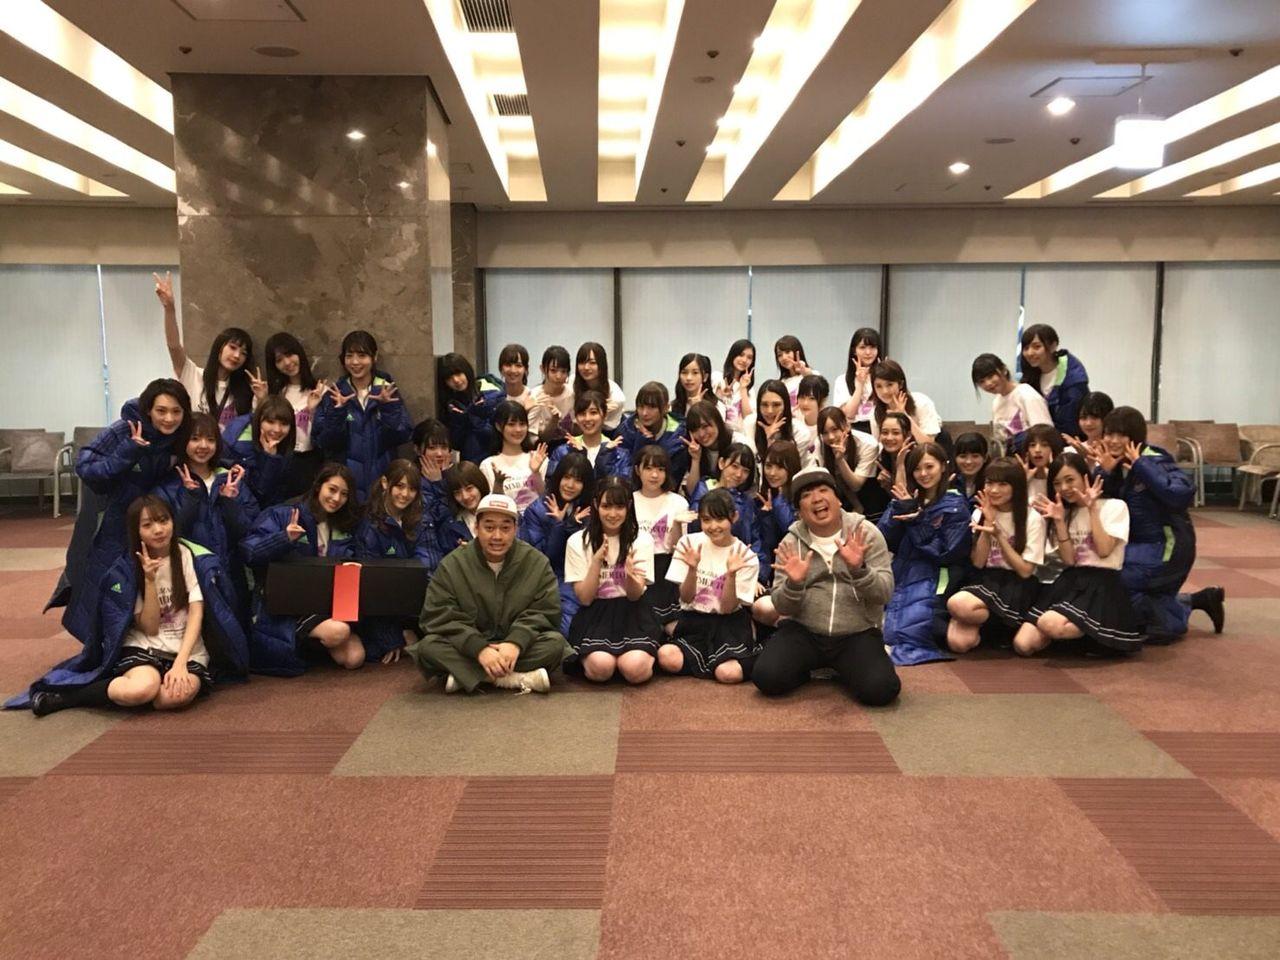 乃木坂46♪生田絵梨花、「東京ドーム集合写真withバナナマン」公開!